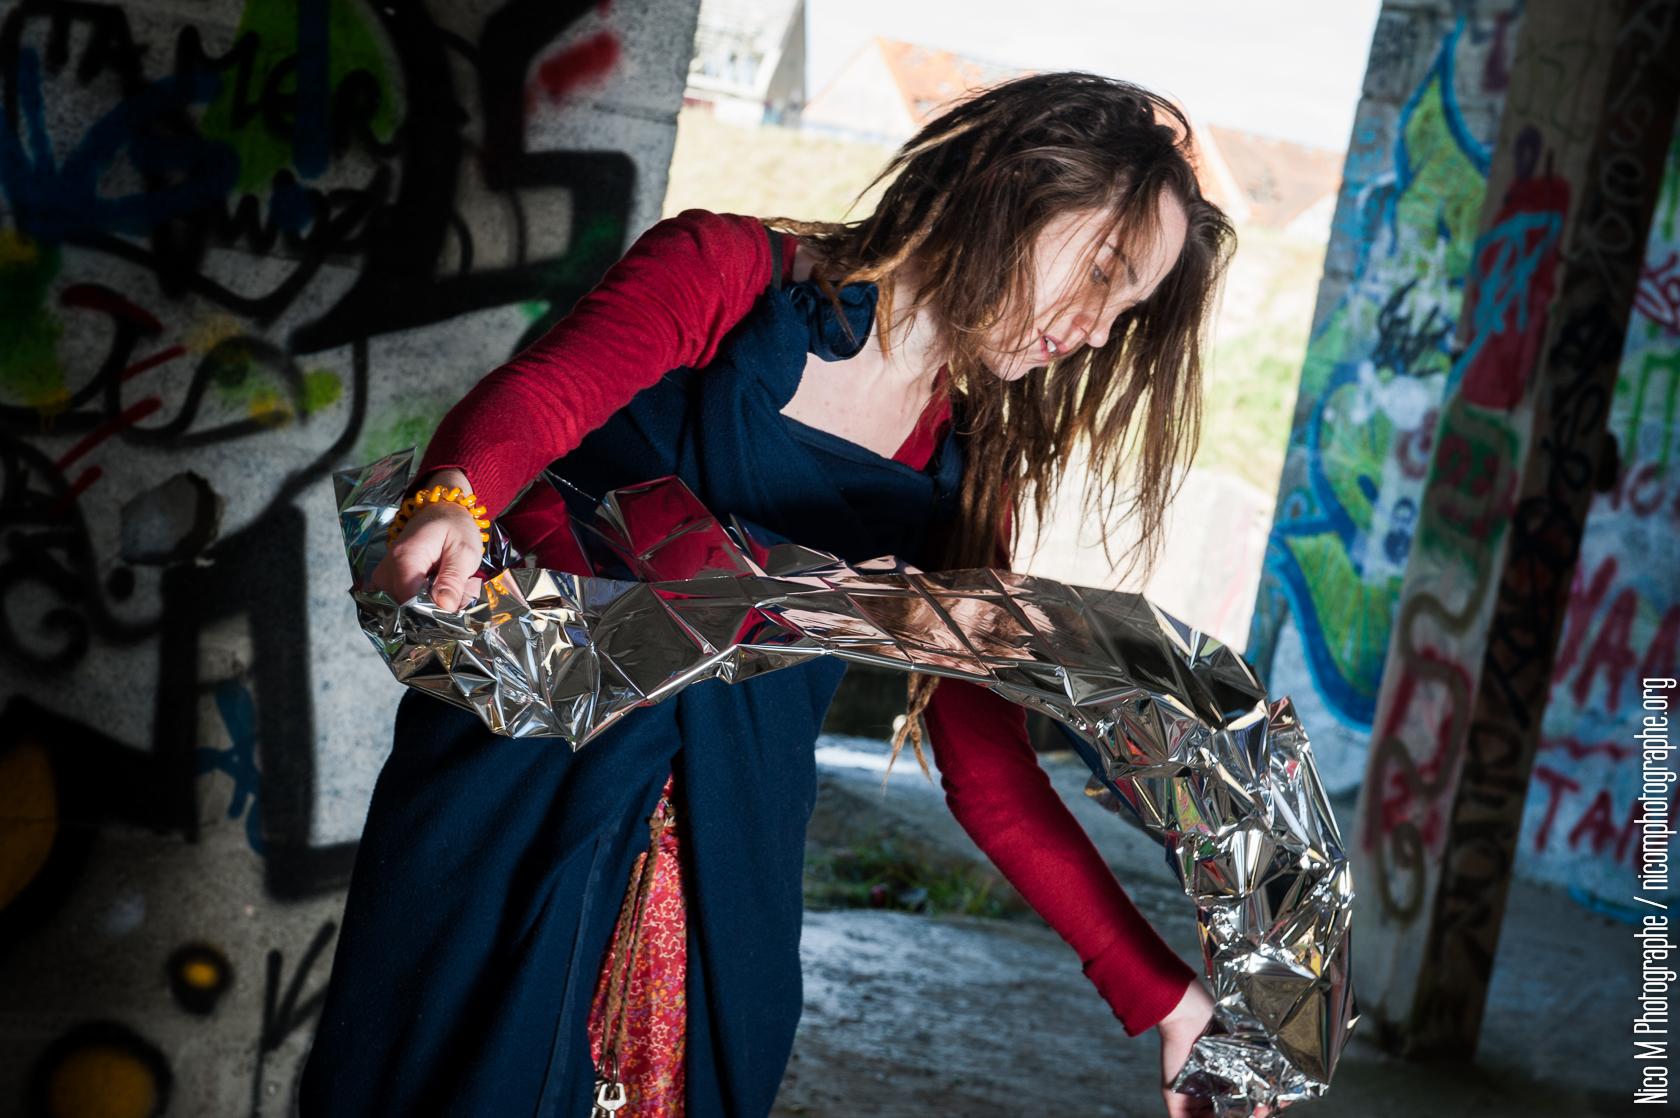 le royaume d Elle, Nico M Photographe-28